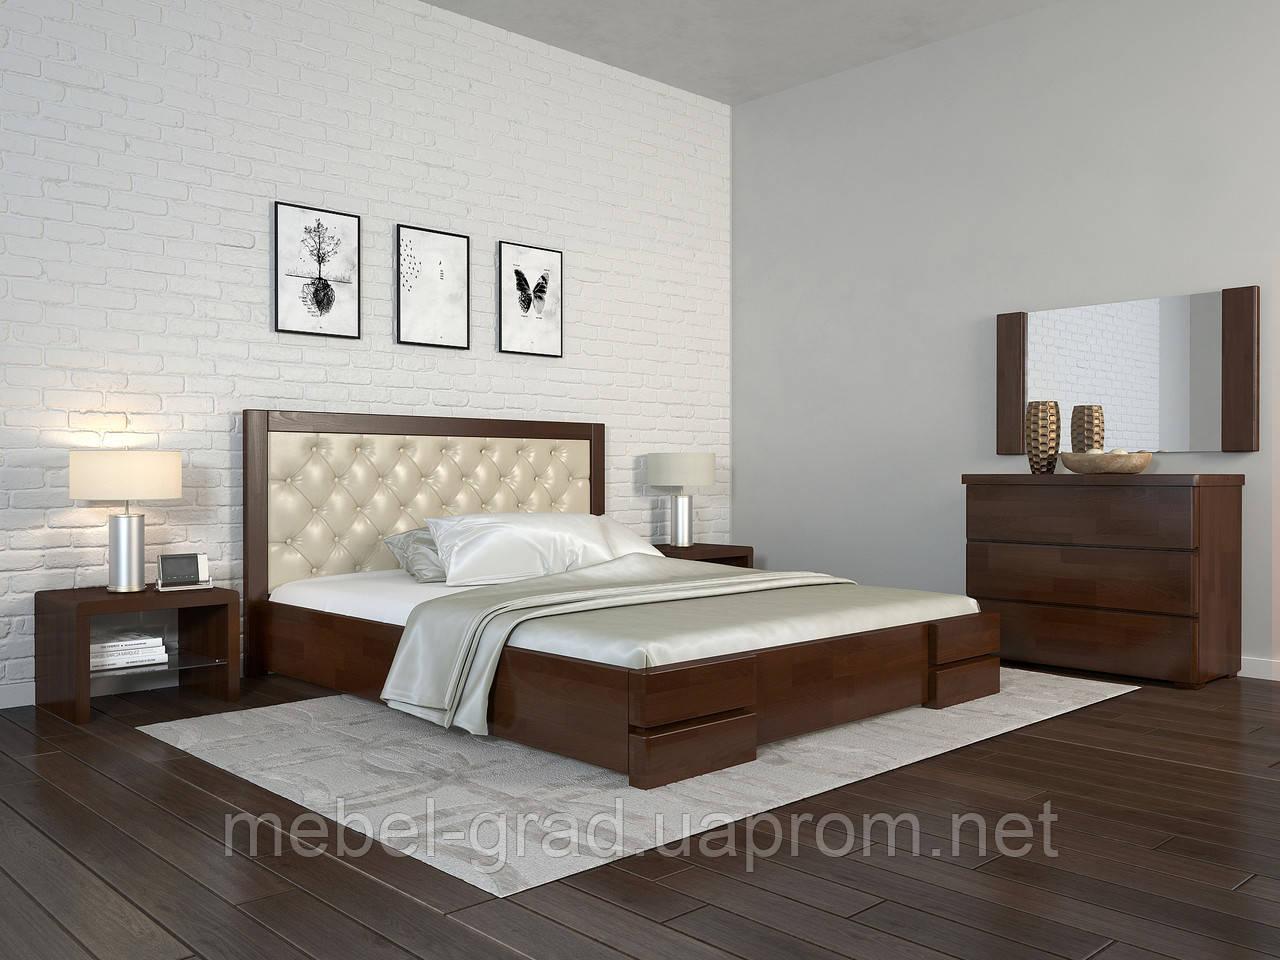 Кровать с механизмом Arbordrev Регина люкс ромбы (180*190) бук